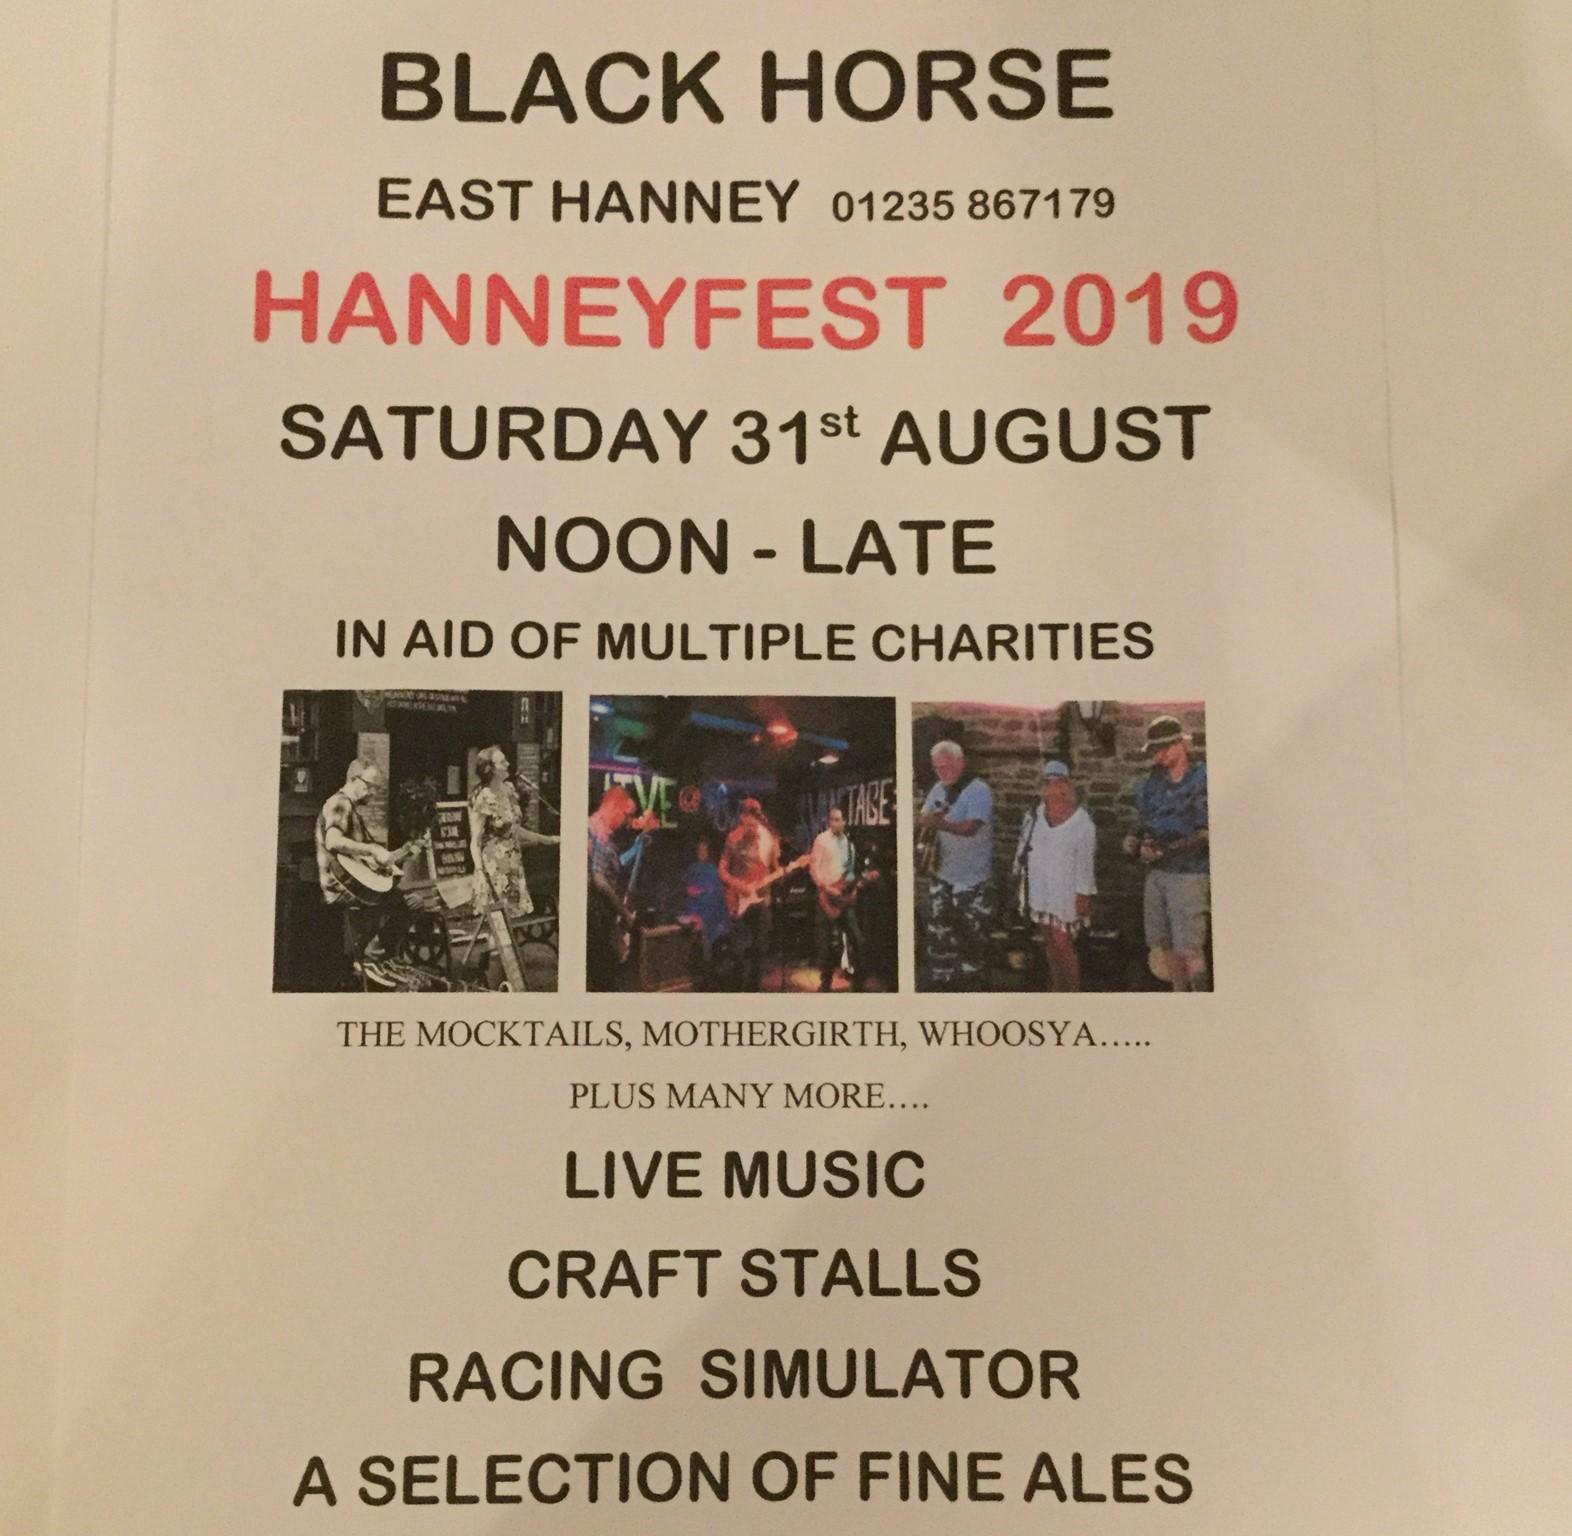 HANNEYFEST 2019